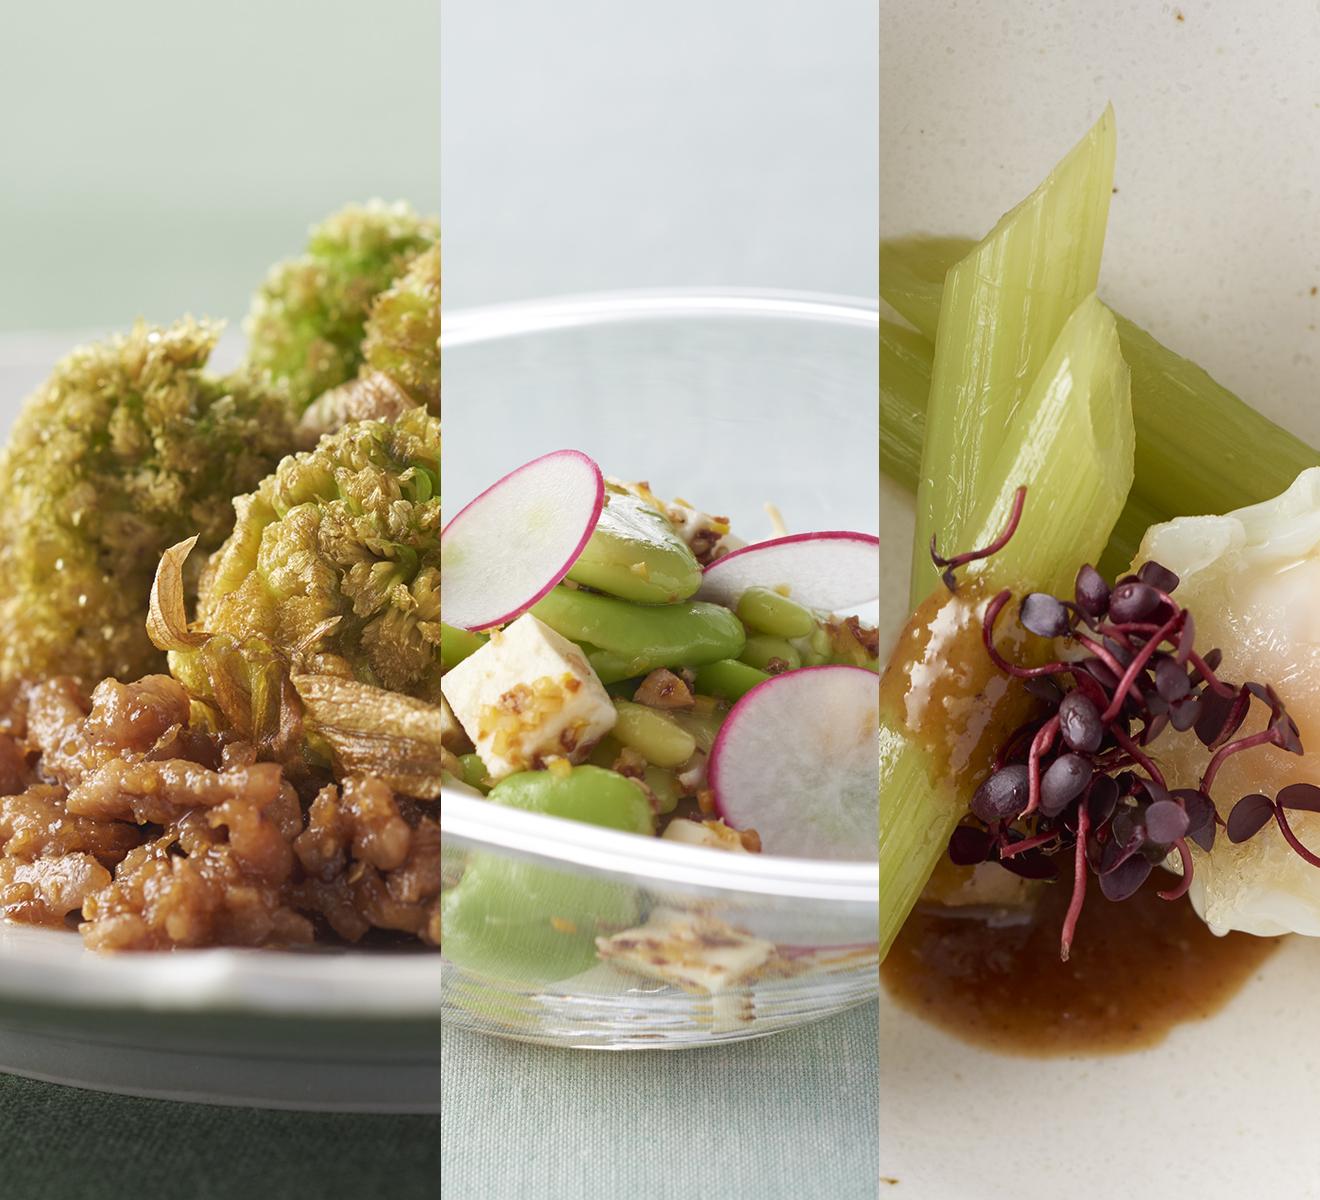 9月料理セミナー   「夏の疲れを癒す 秋の食と発酵」の受付を開始します